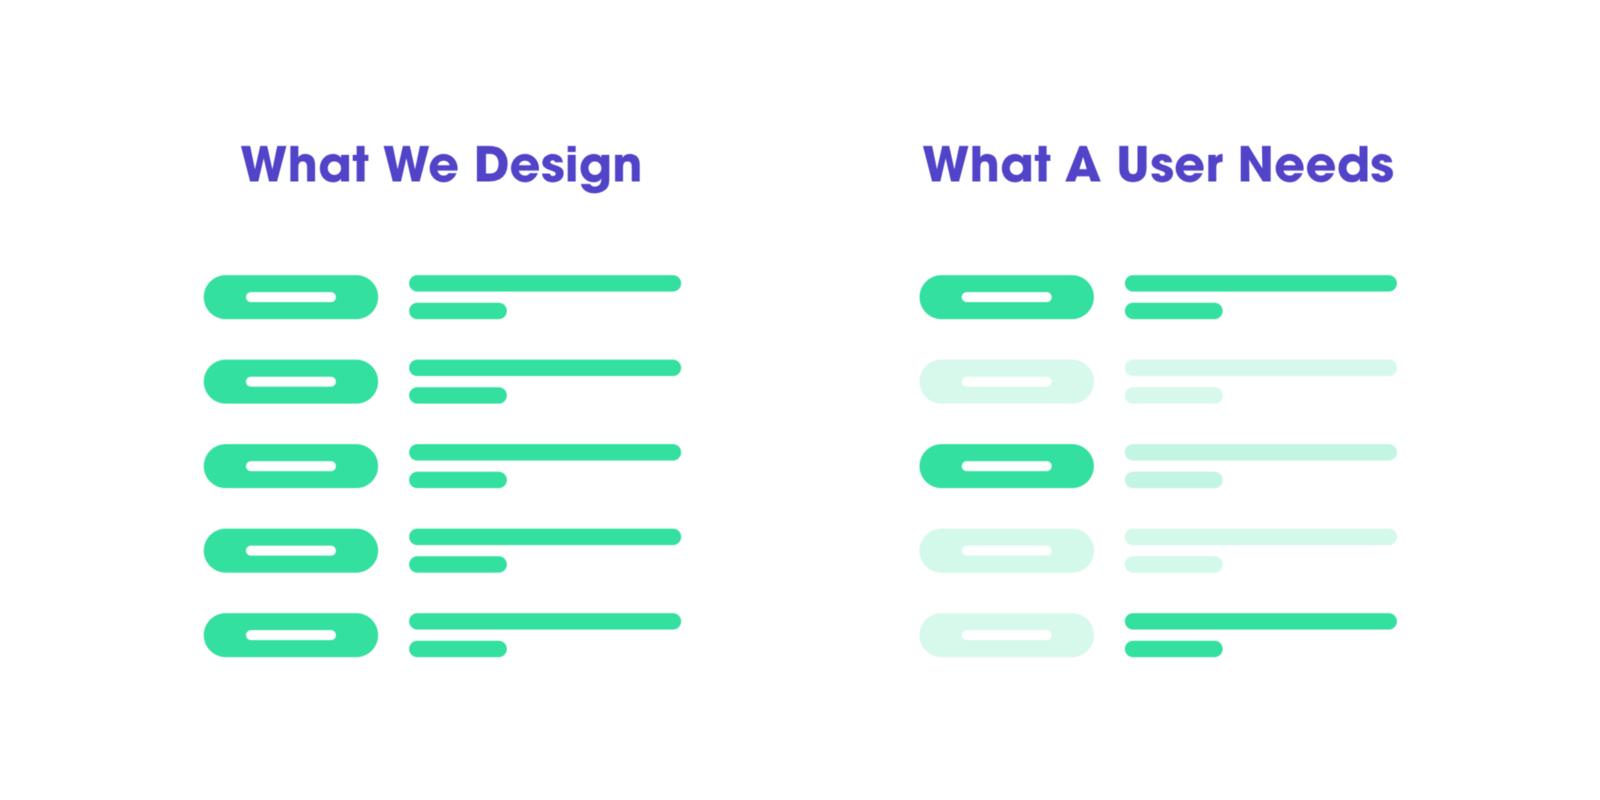 10 мелких ошибок в дизайне, которые мы допускаем до сих пор - 3